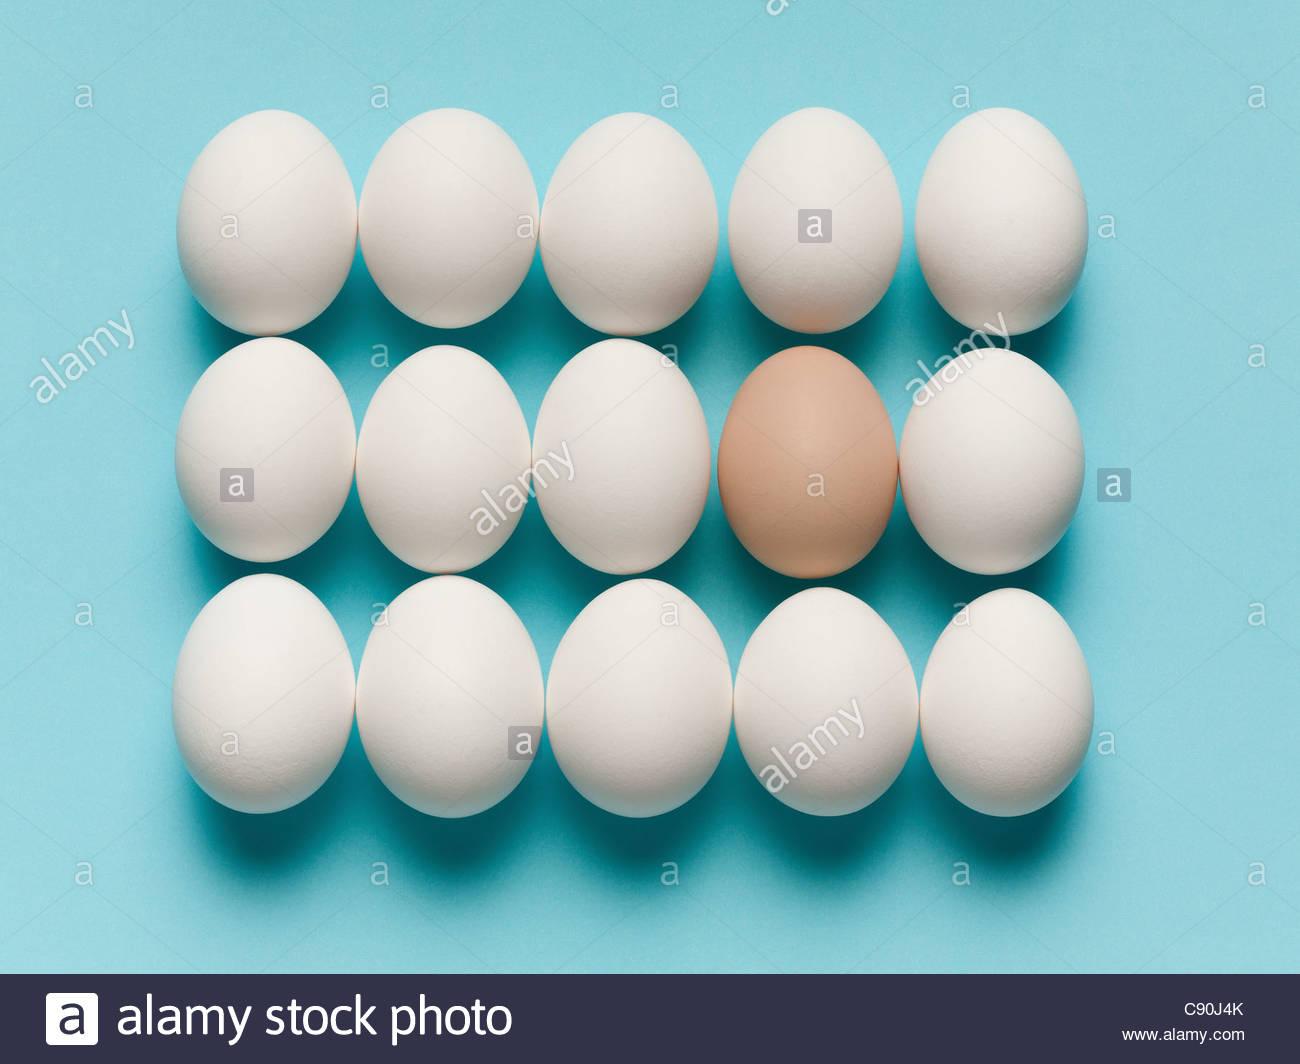 Huevo marrón con grandes huevos blancos Imagen De Stock